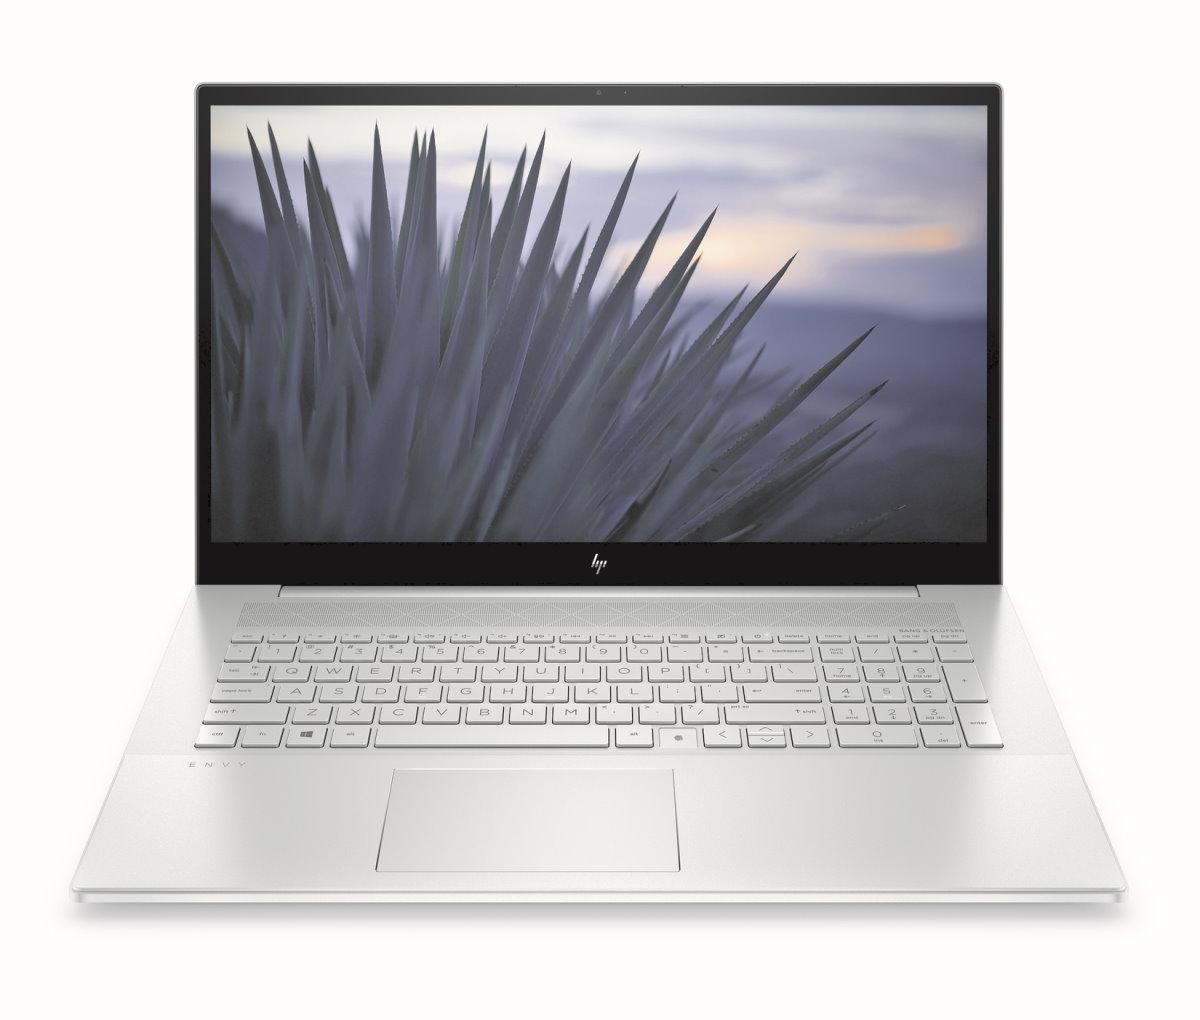 Le HP Envy17 et son pavé numérique